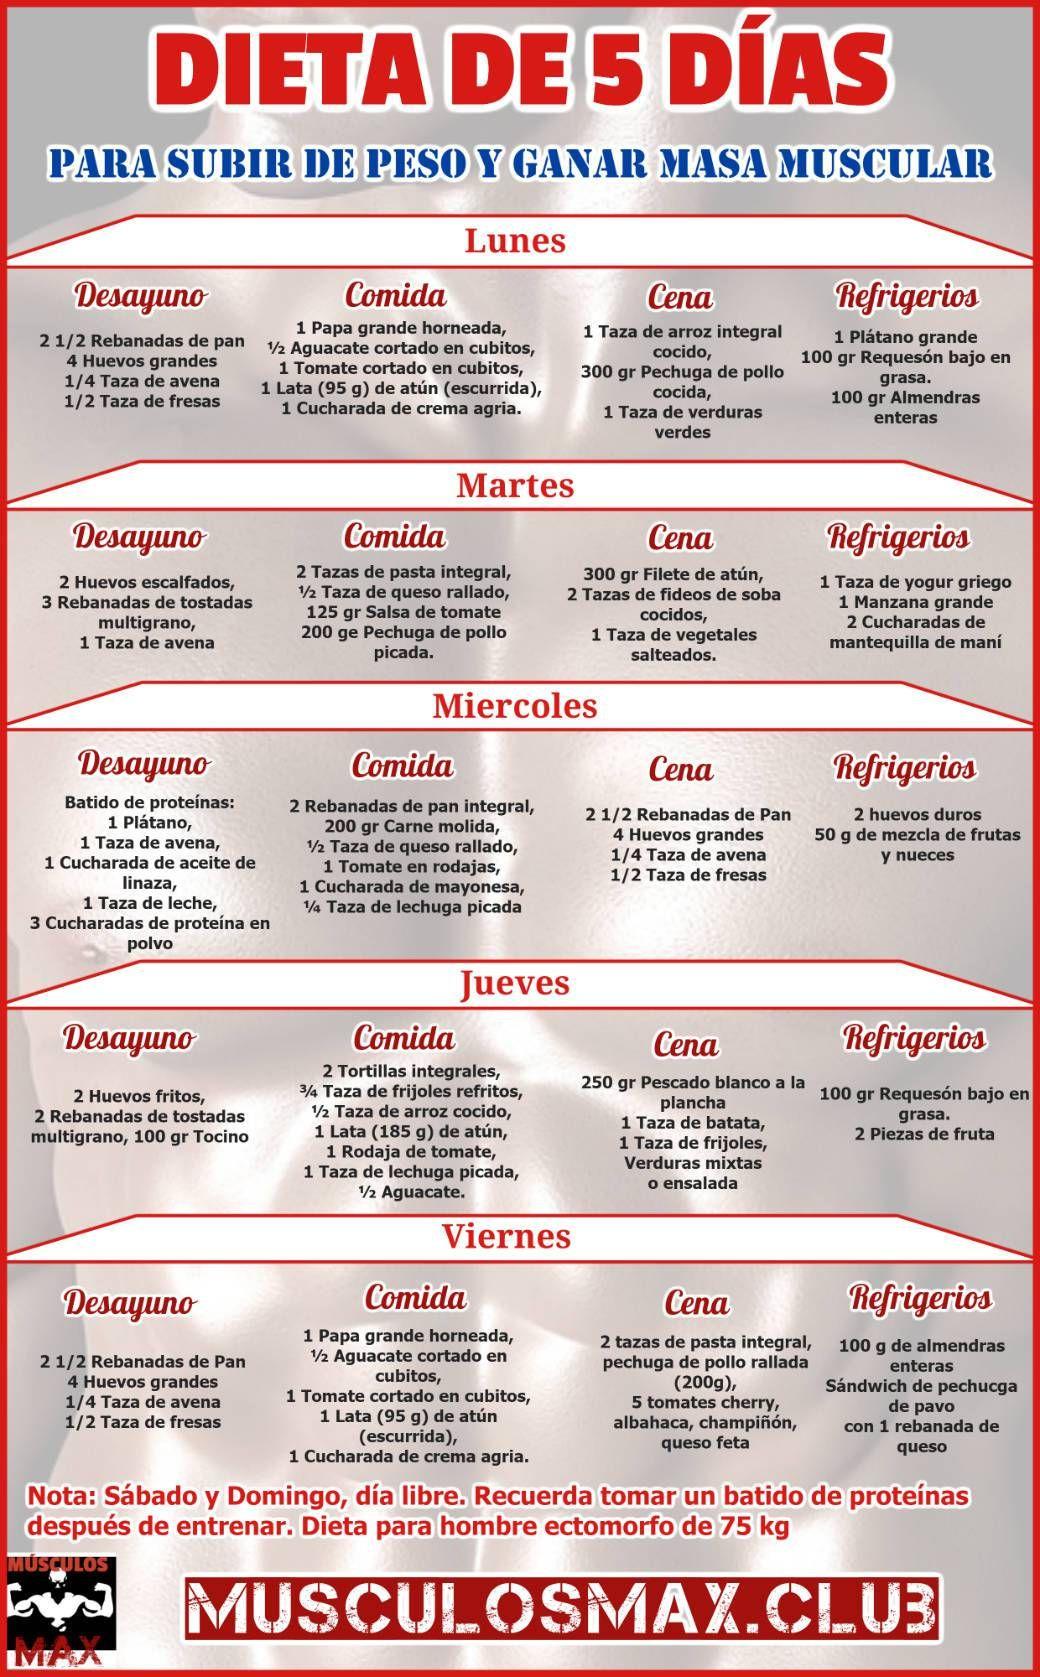 Dietas semanales para ganar masa muscular